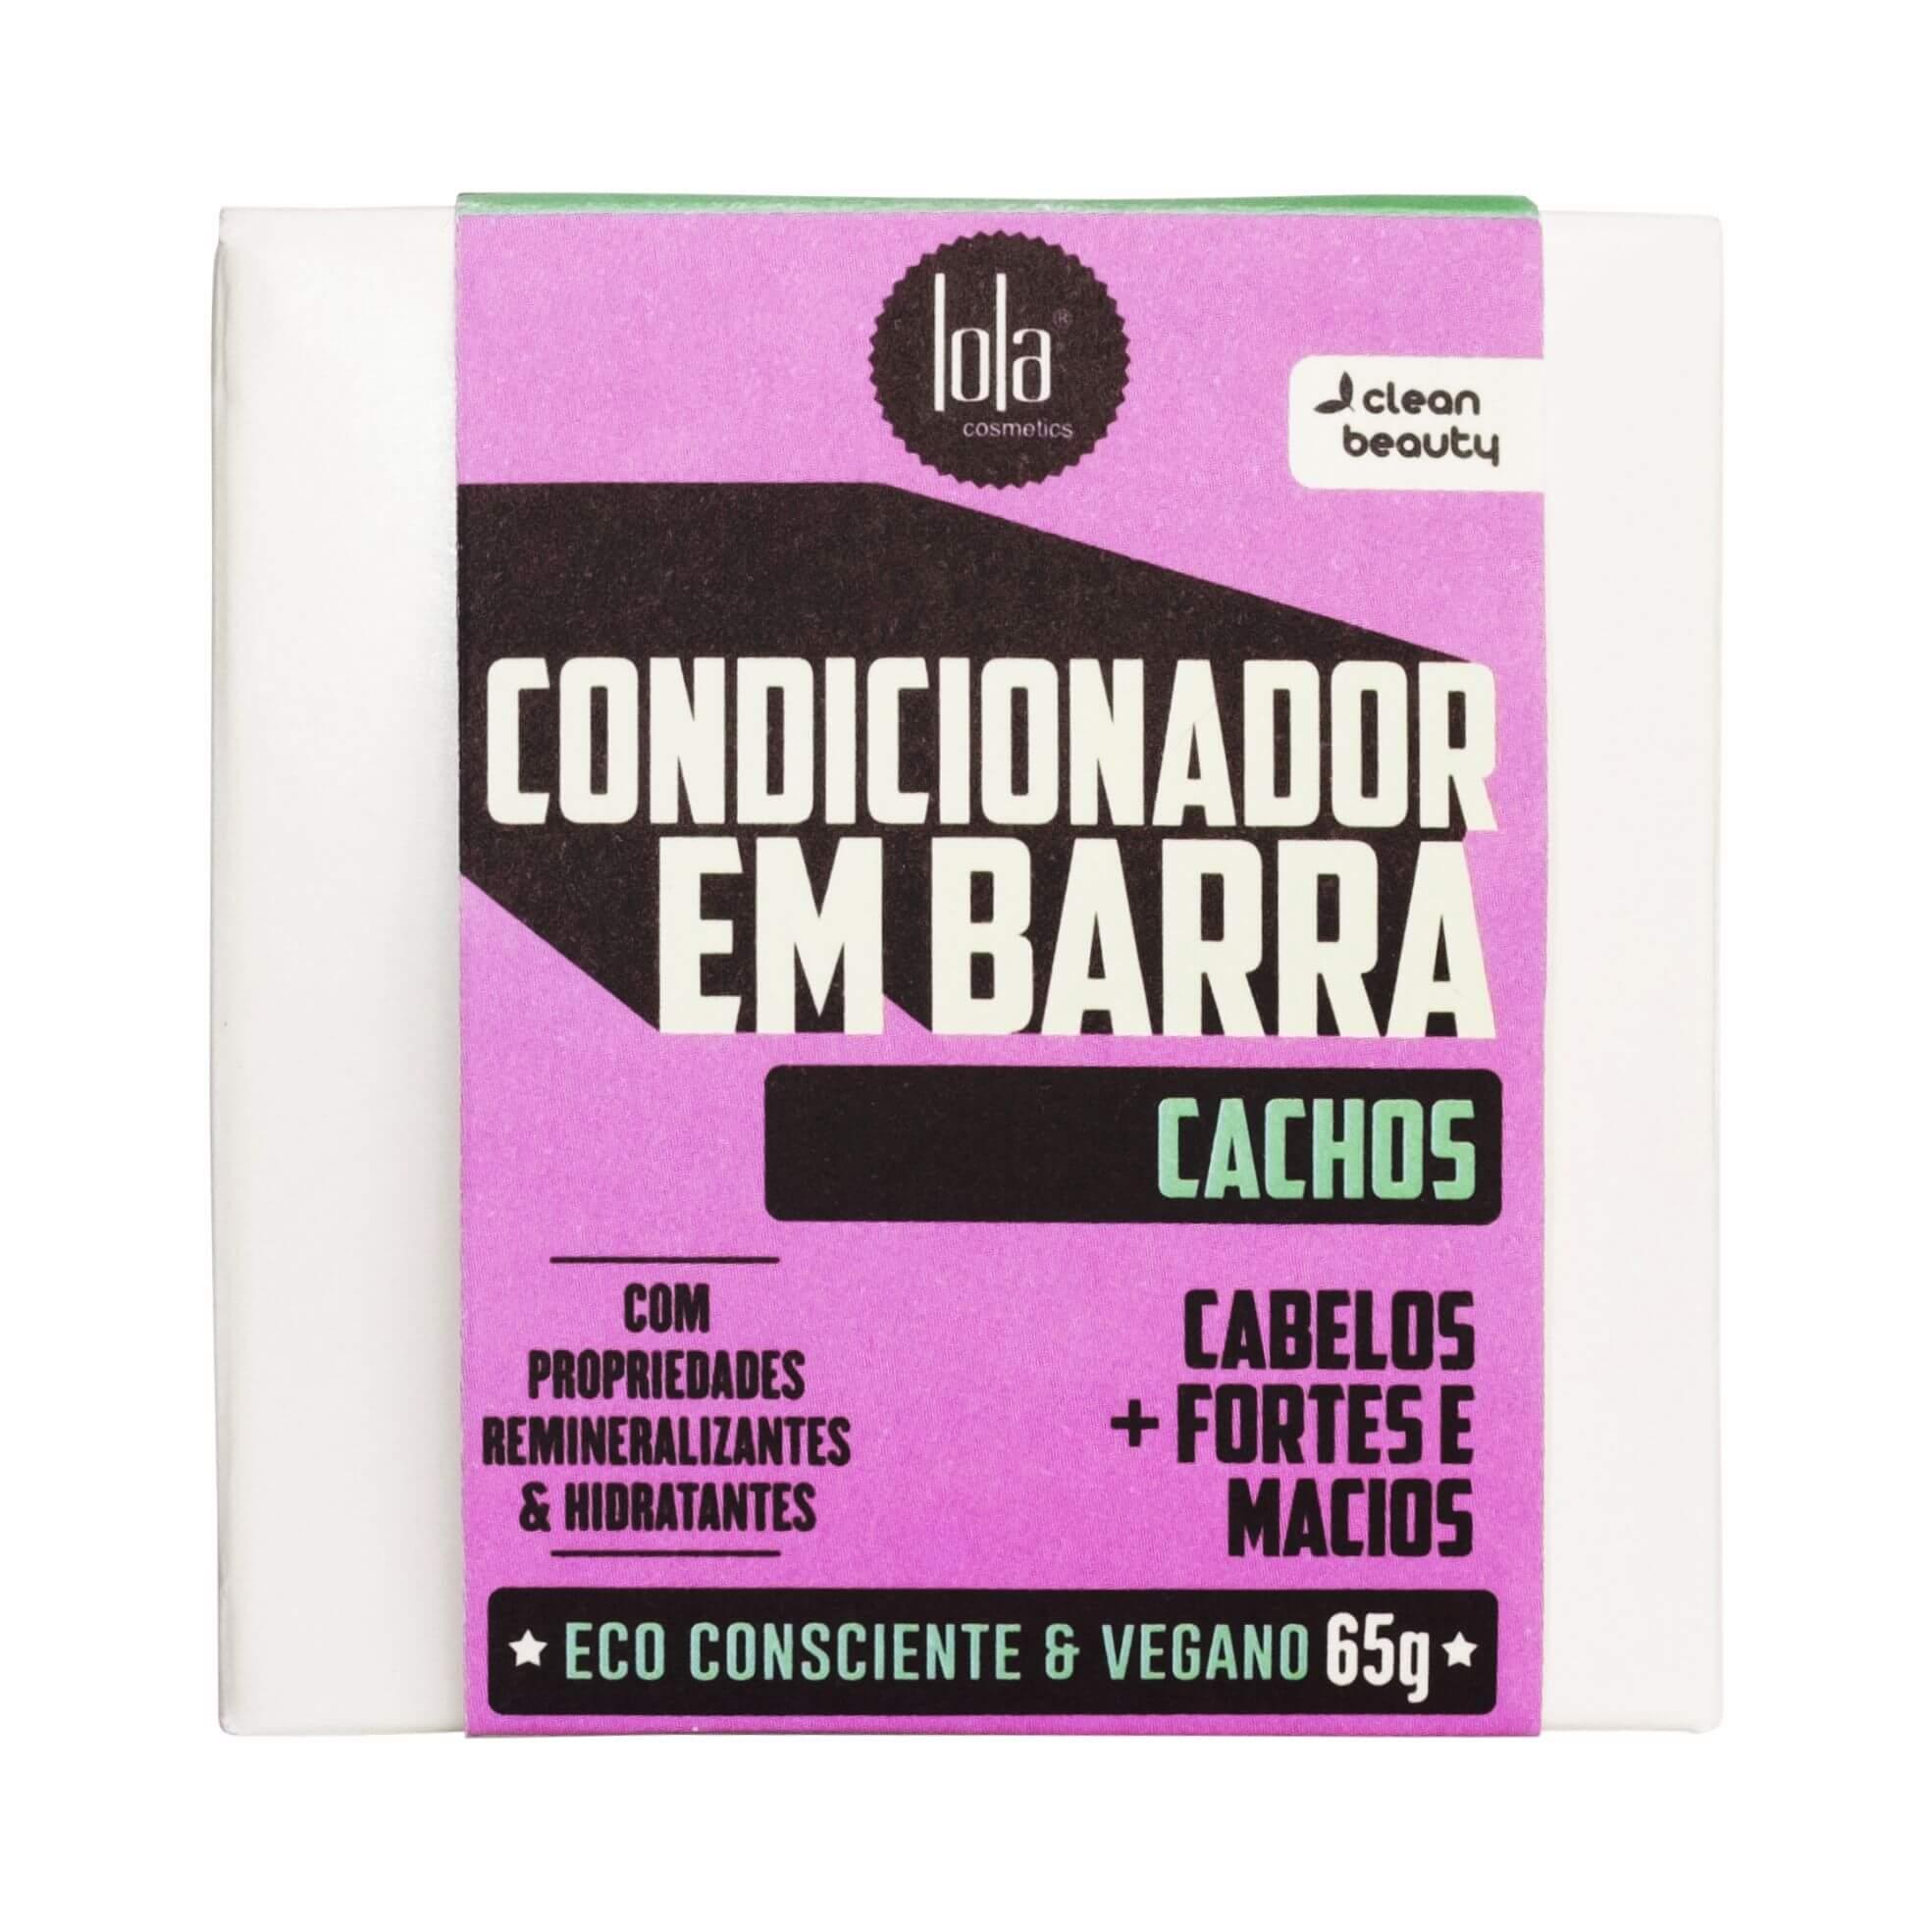 Condicionador Em Barra Cachos Lola Cosmetics 65g